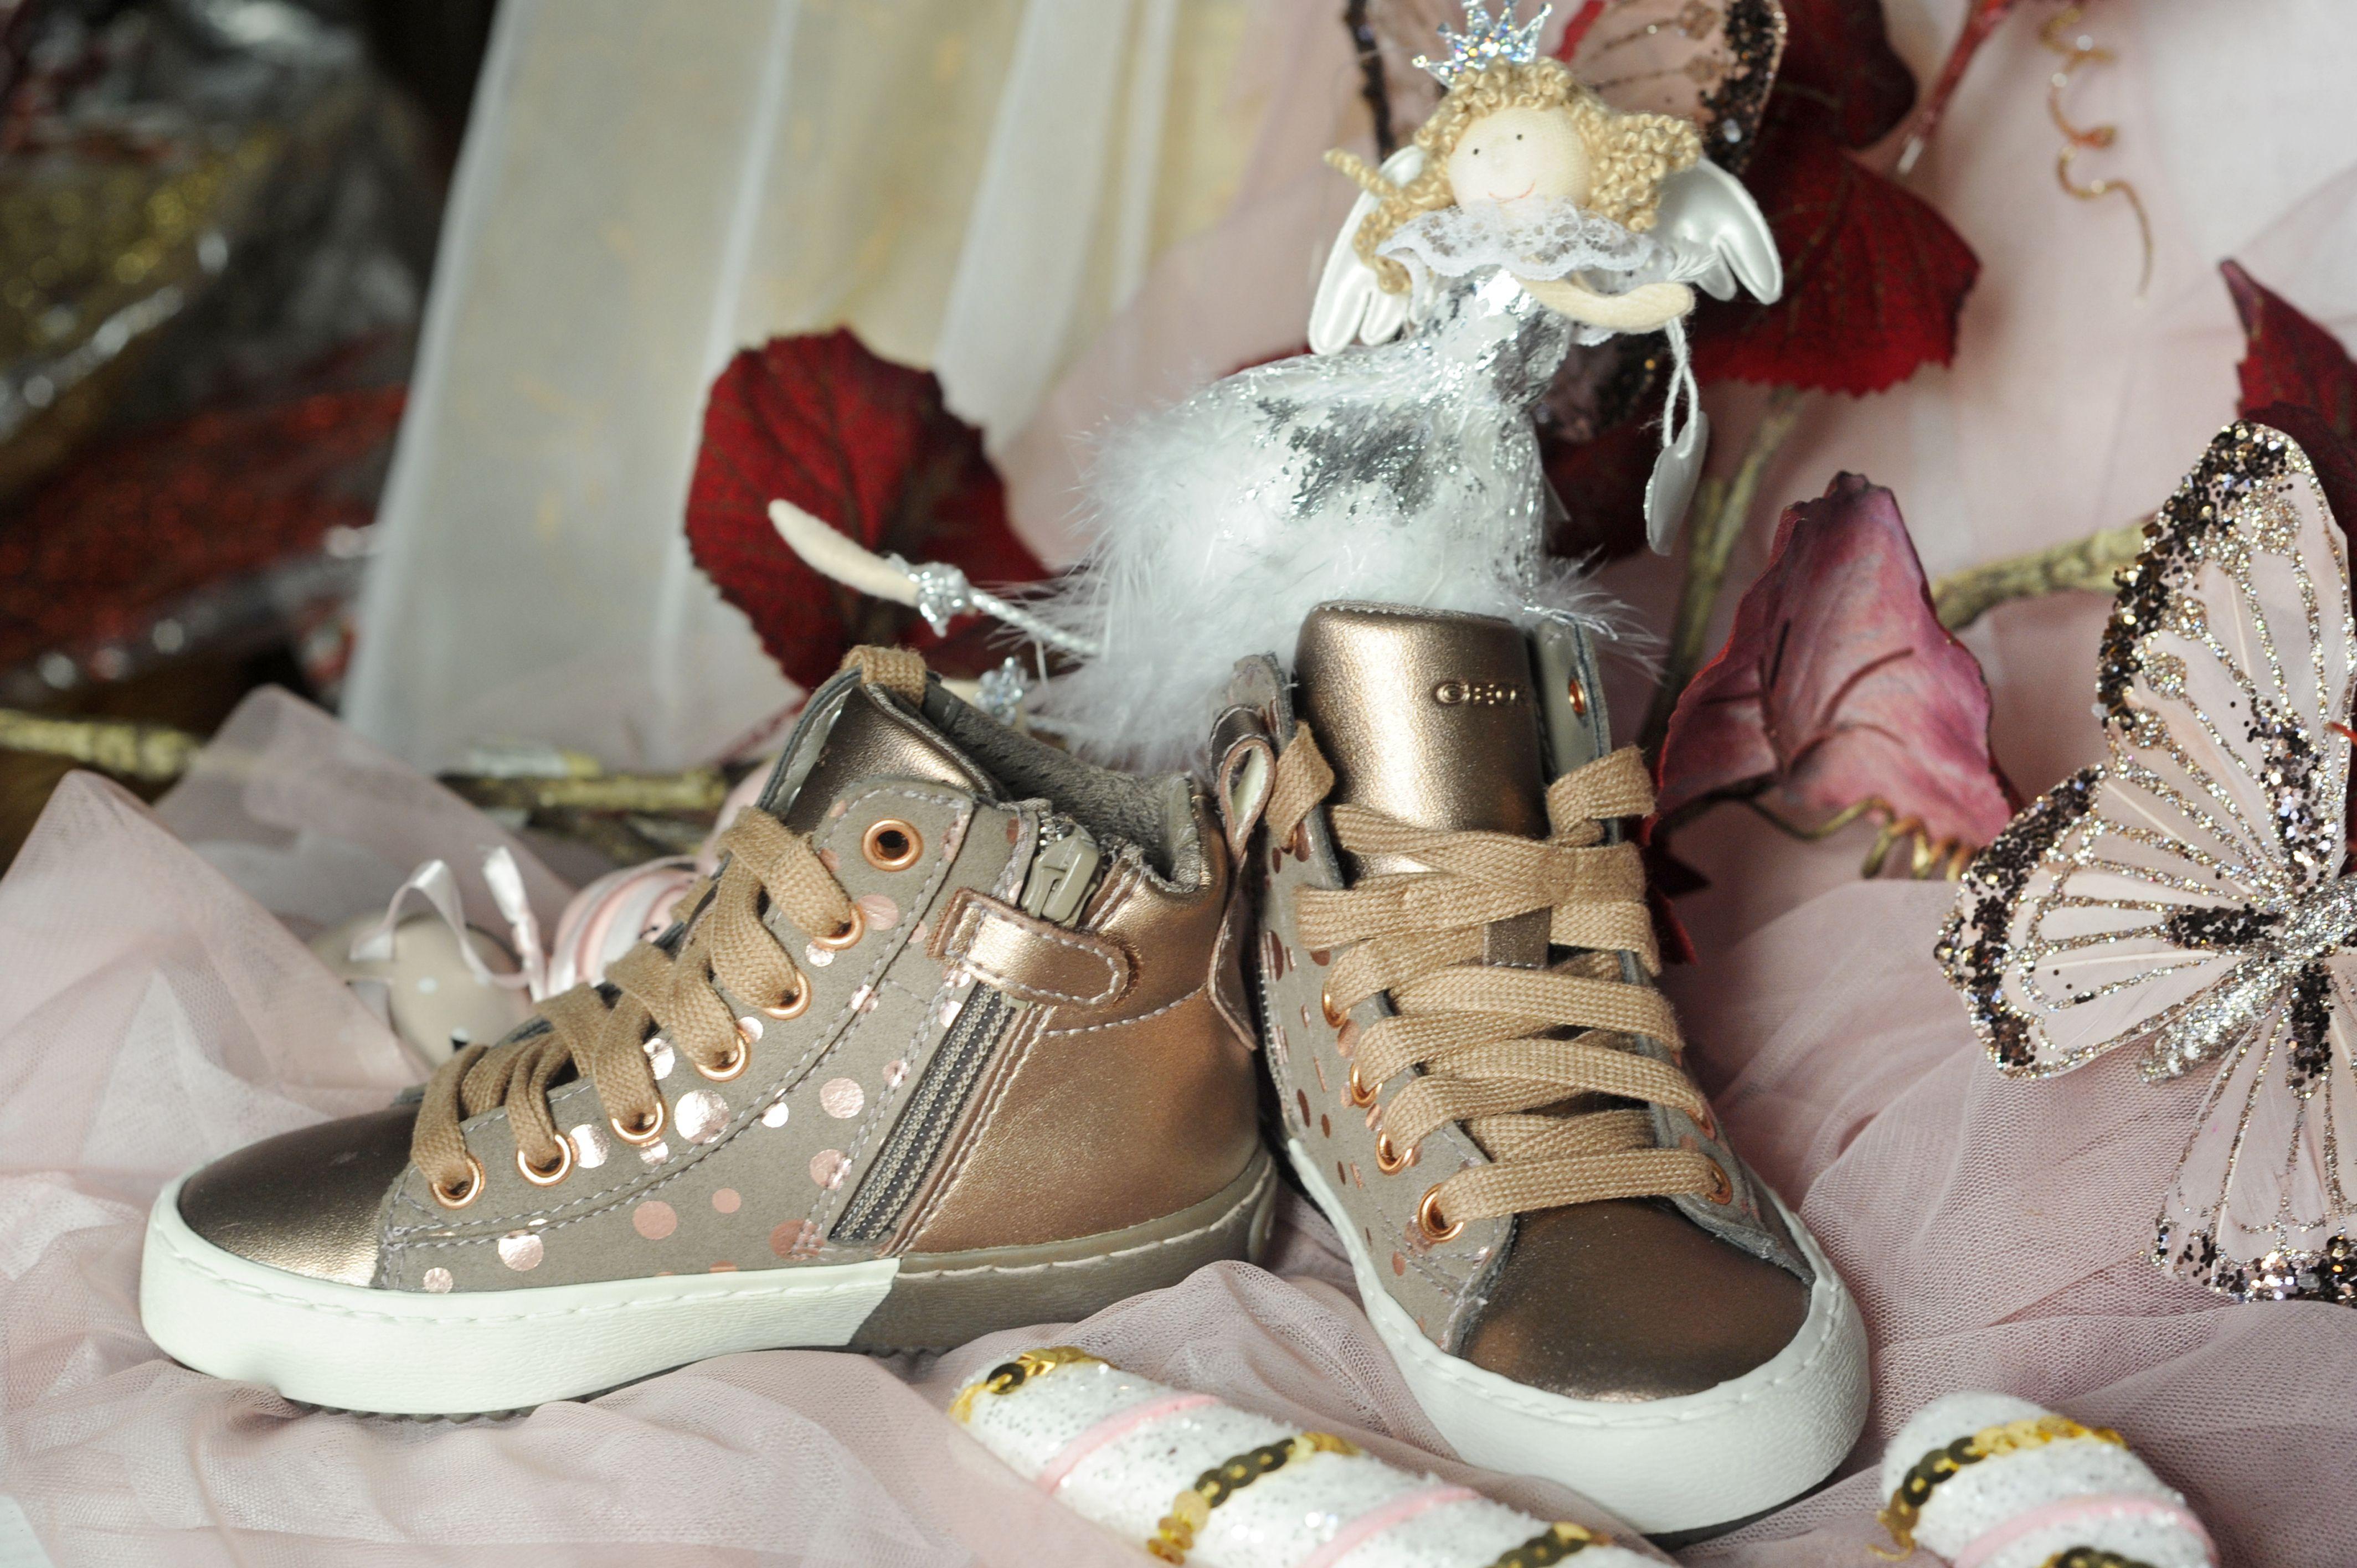 Zapatillas modernas con dorados